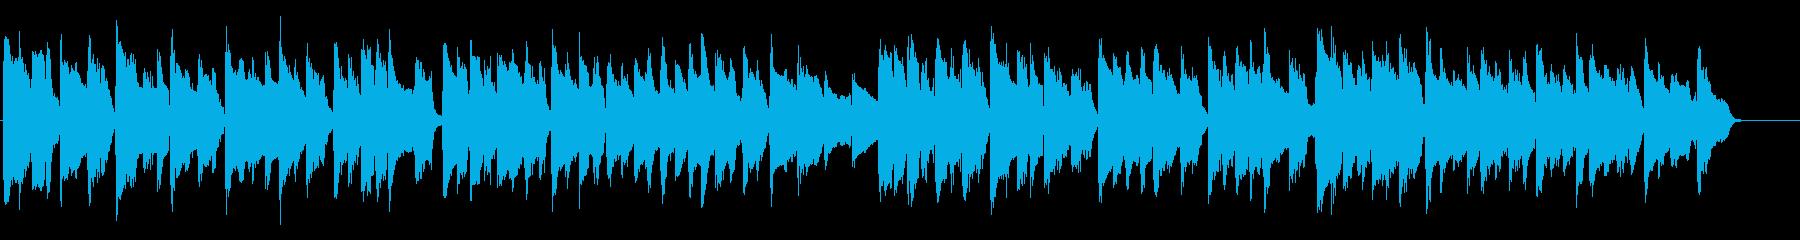 胸を打つ感動的Aギターとピアノのバラードの再生済みの波形